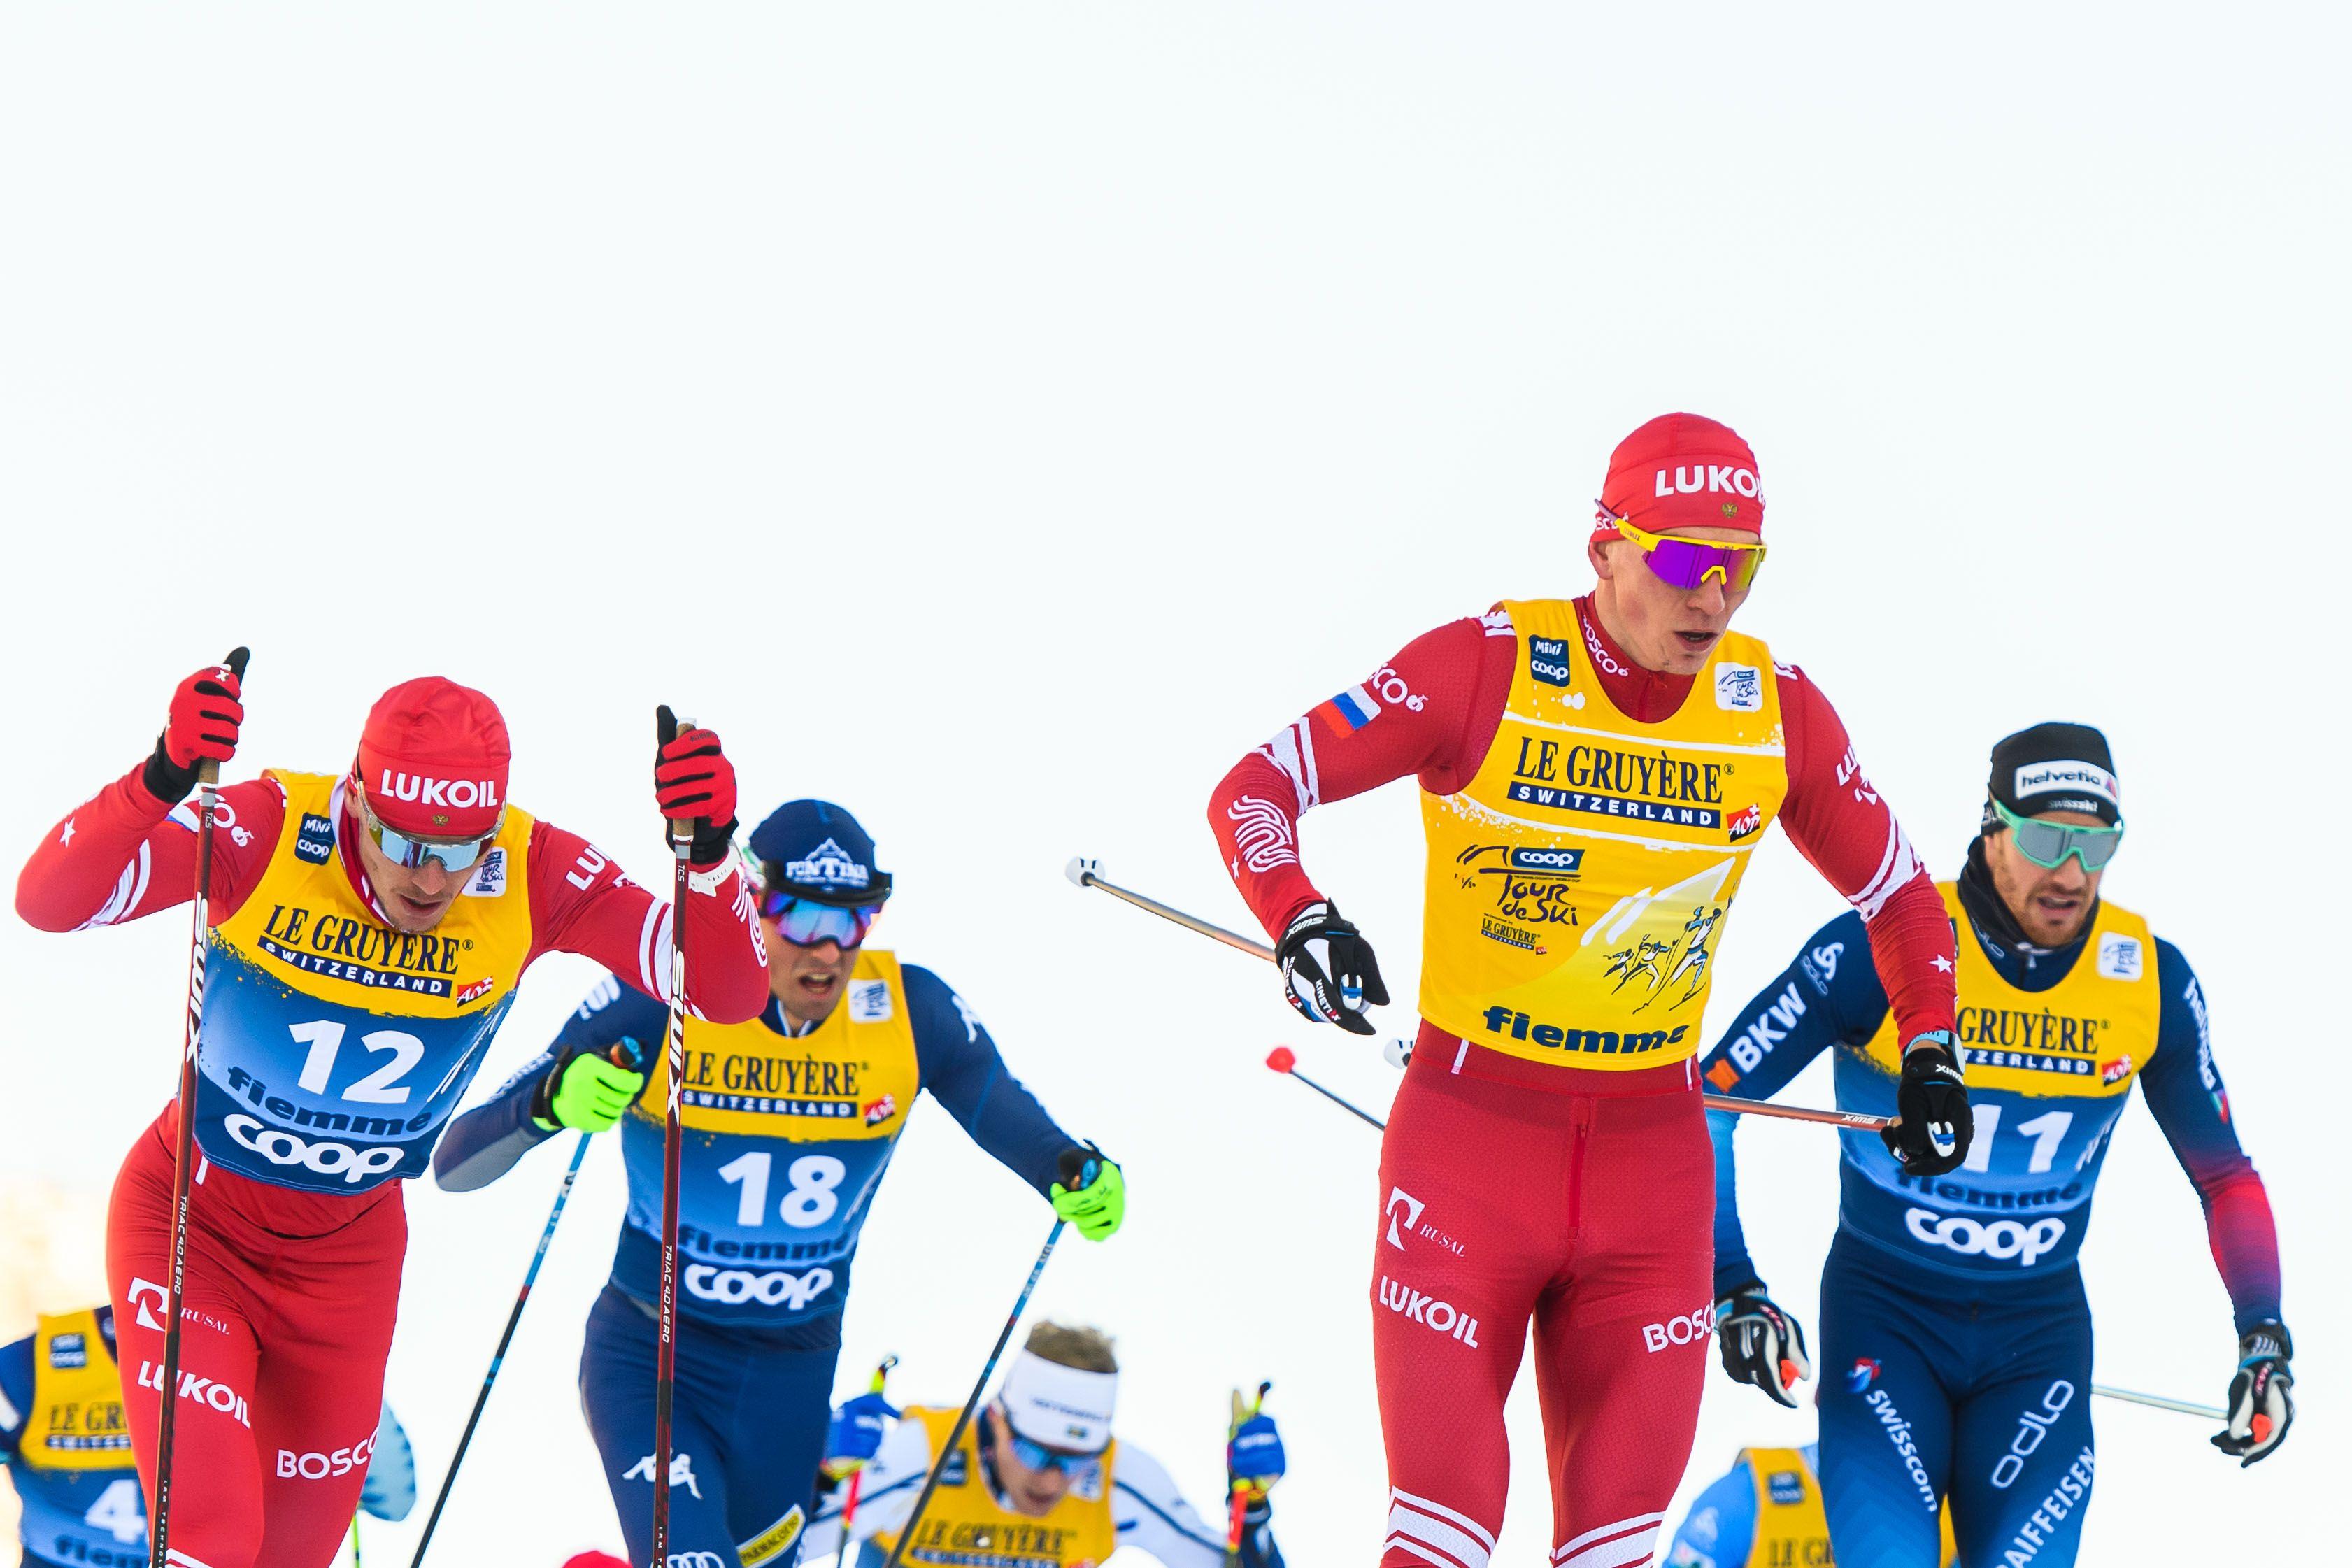 'А эти русские — чистые?'. СМИ в Швейцарии — о доминировании российских лыжников на 'Тур де Ски'